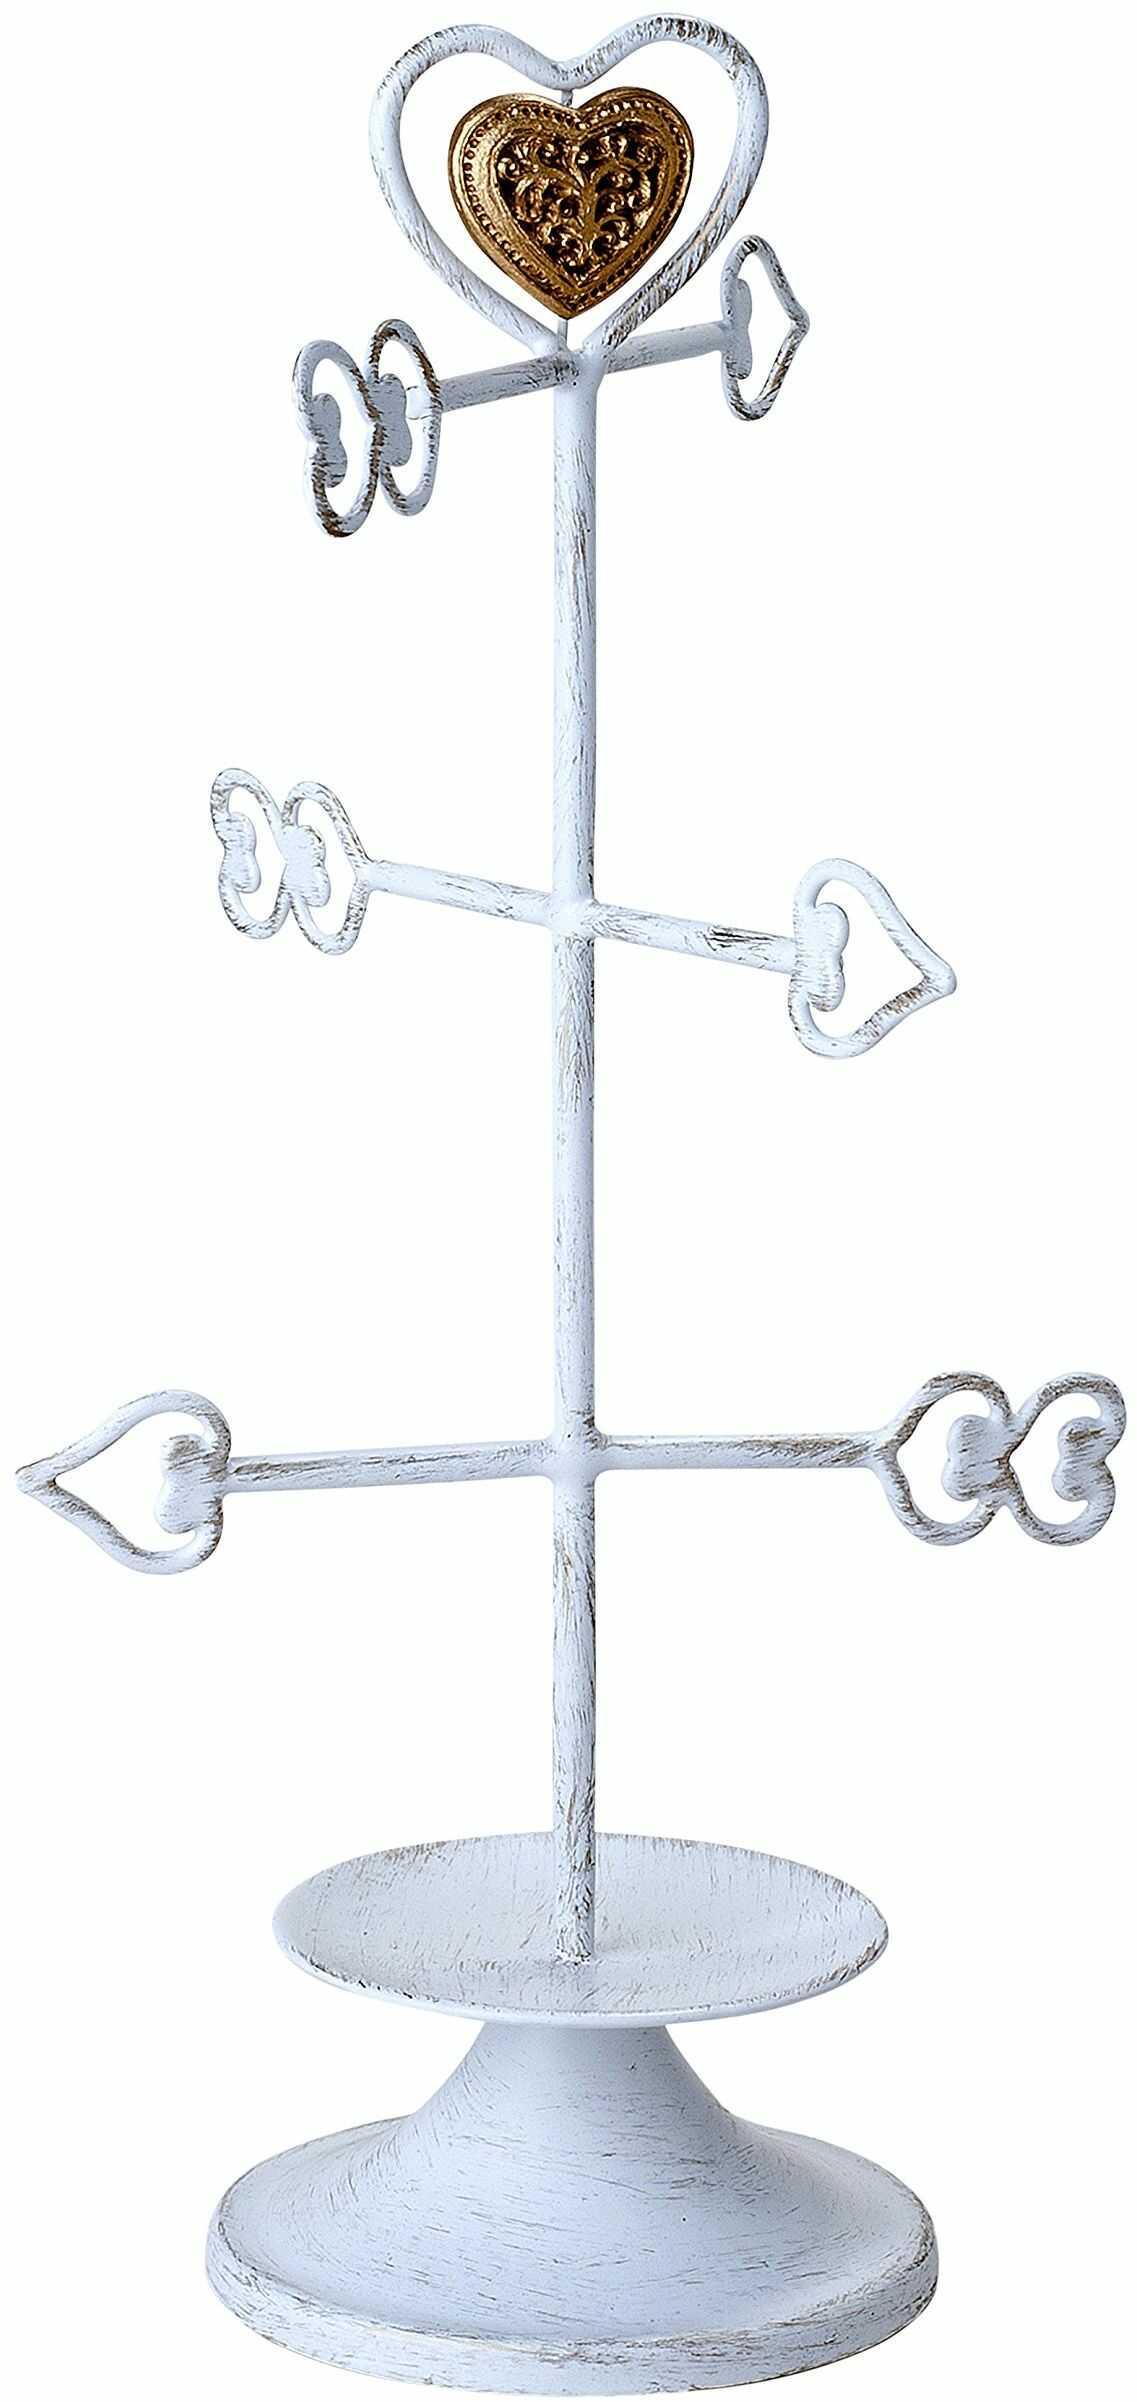 mopec szkatułka na biżuterię, strzałki w kształcie serca, z pudełkiem, metalowa, biała, 10 x 15,5 x 31 cm